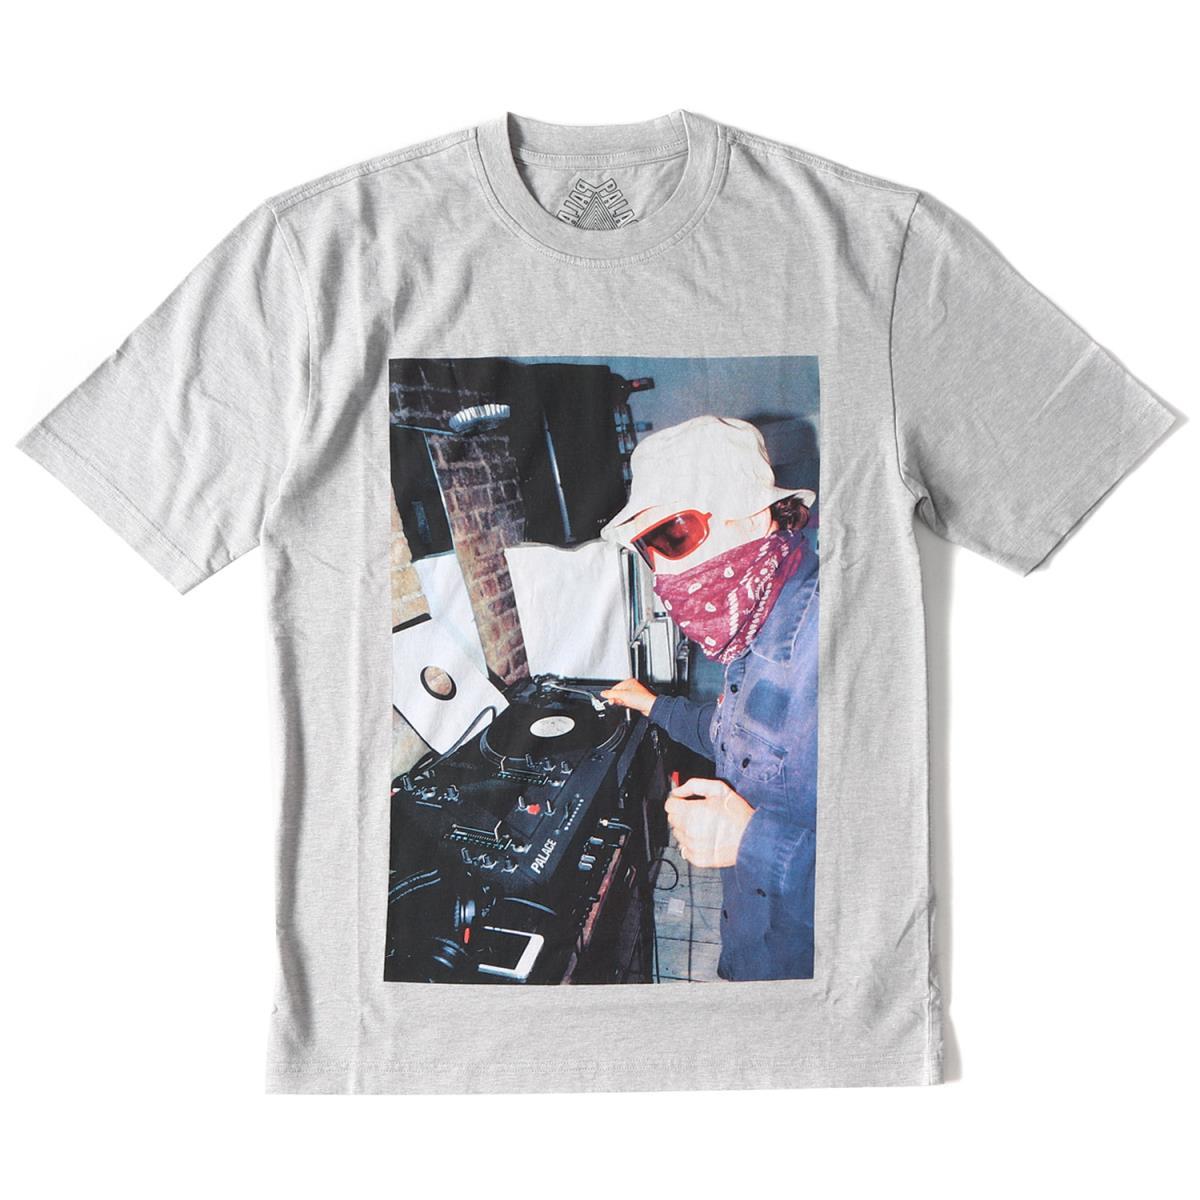 b37aebdcf4b5 ... Tシャツ   カットソー   パーカー   キャップ ハット   アクセサリー   PALACE (パレス) 18A   /W  DJフォトプリントクルーネックTシャツ(MIXER T-SHIRT) グレー S ...